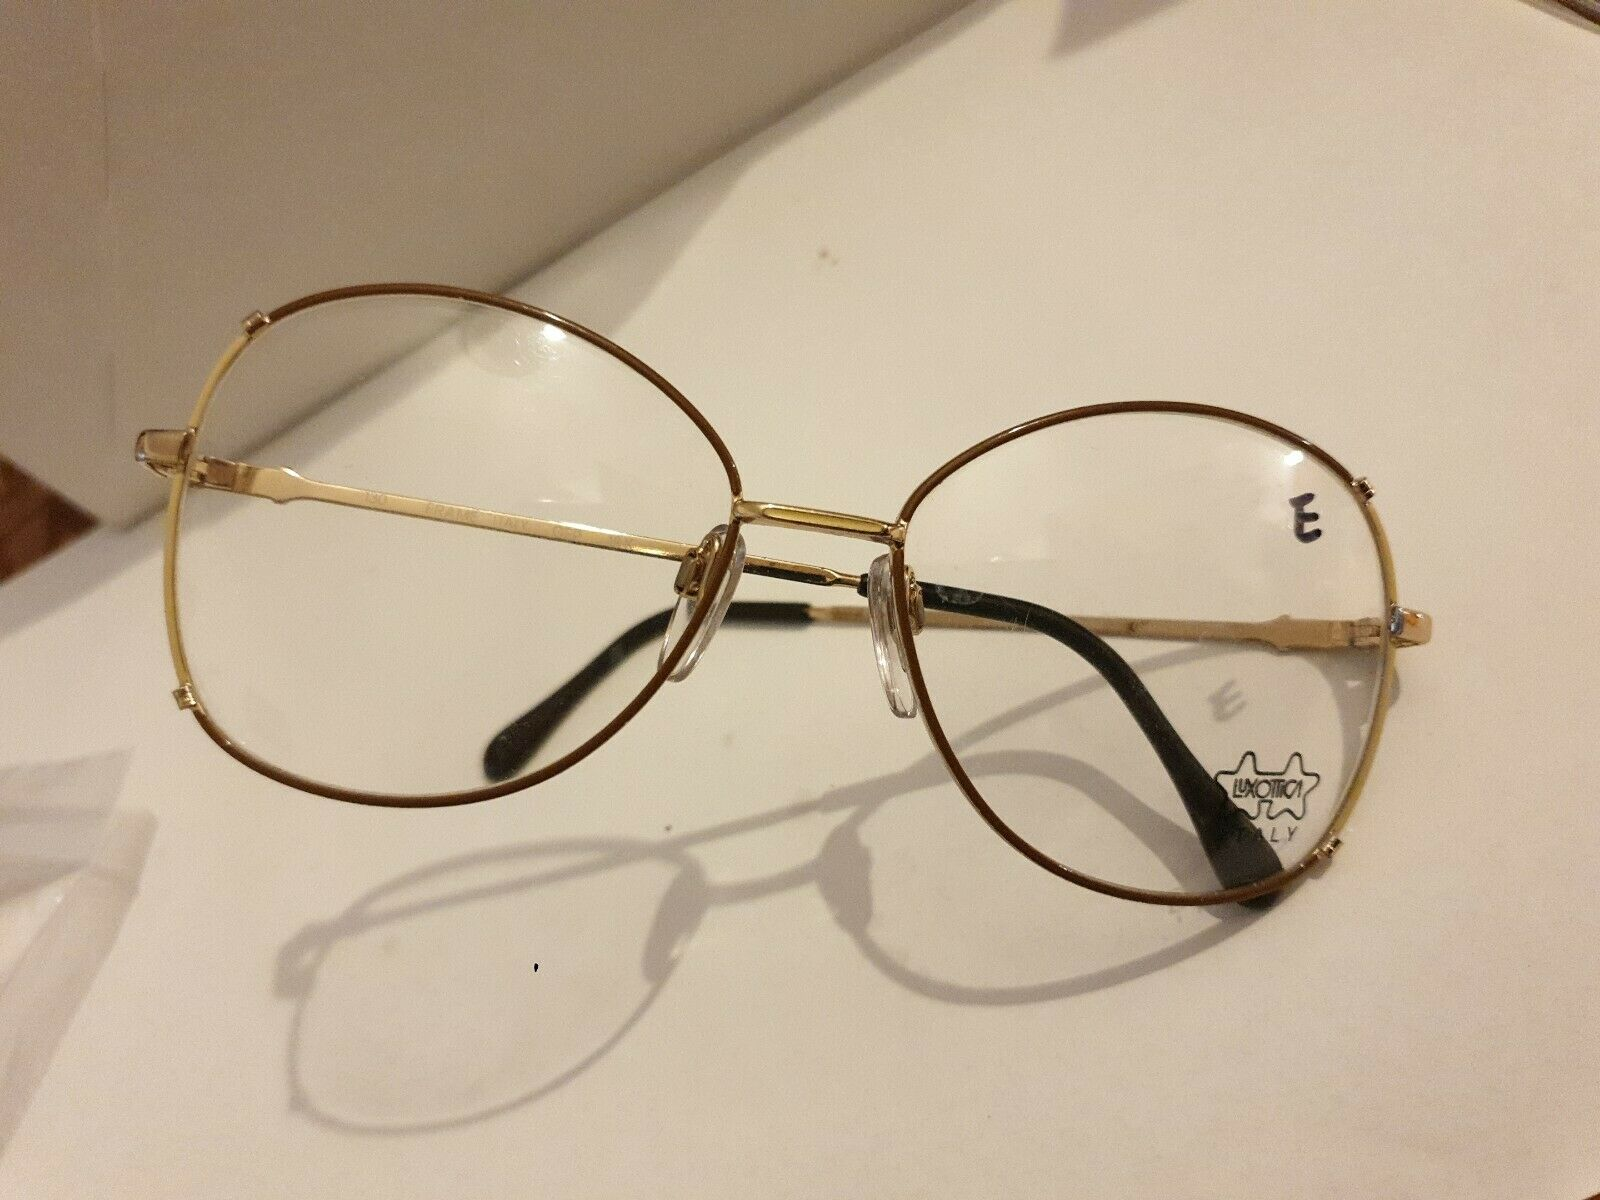 Luxottica Glasses RARE Cod 040-show original title